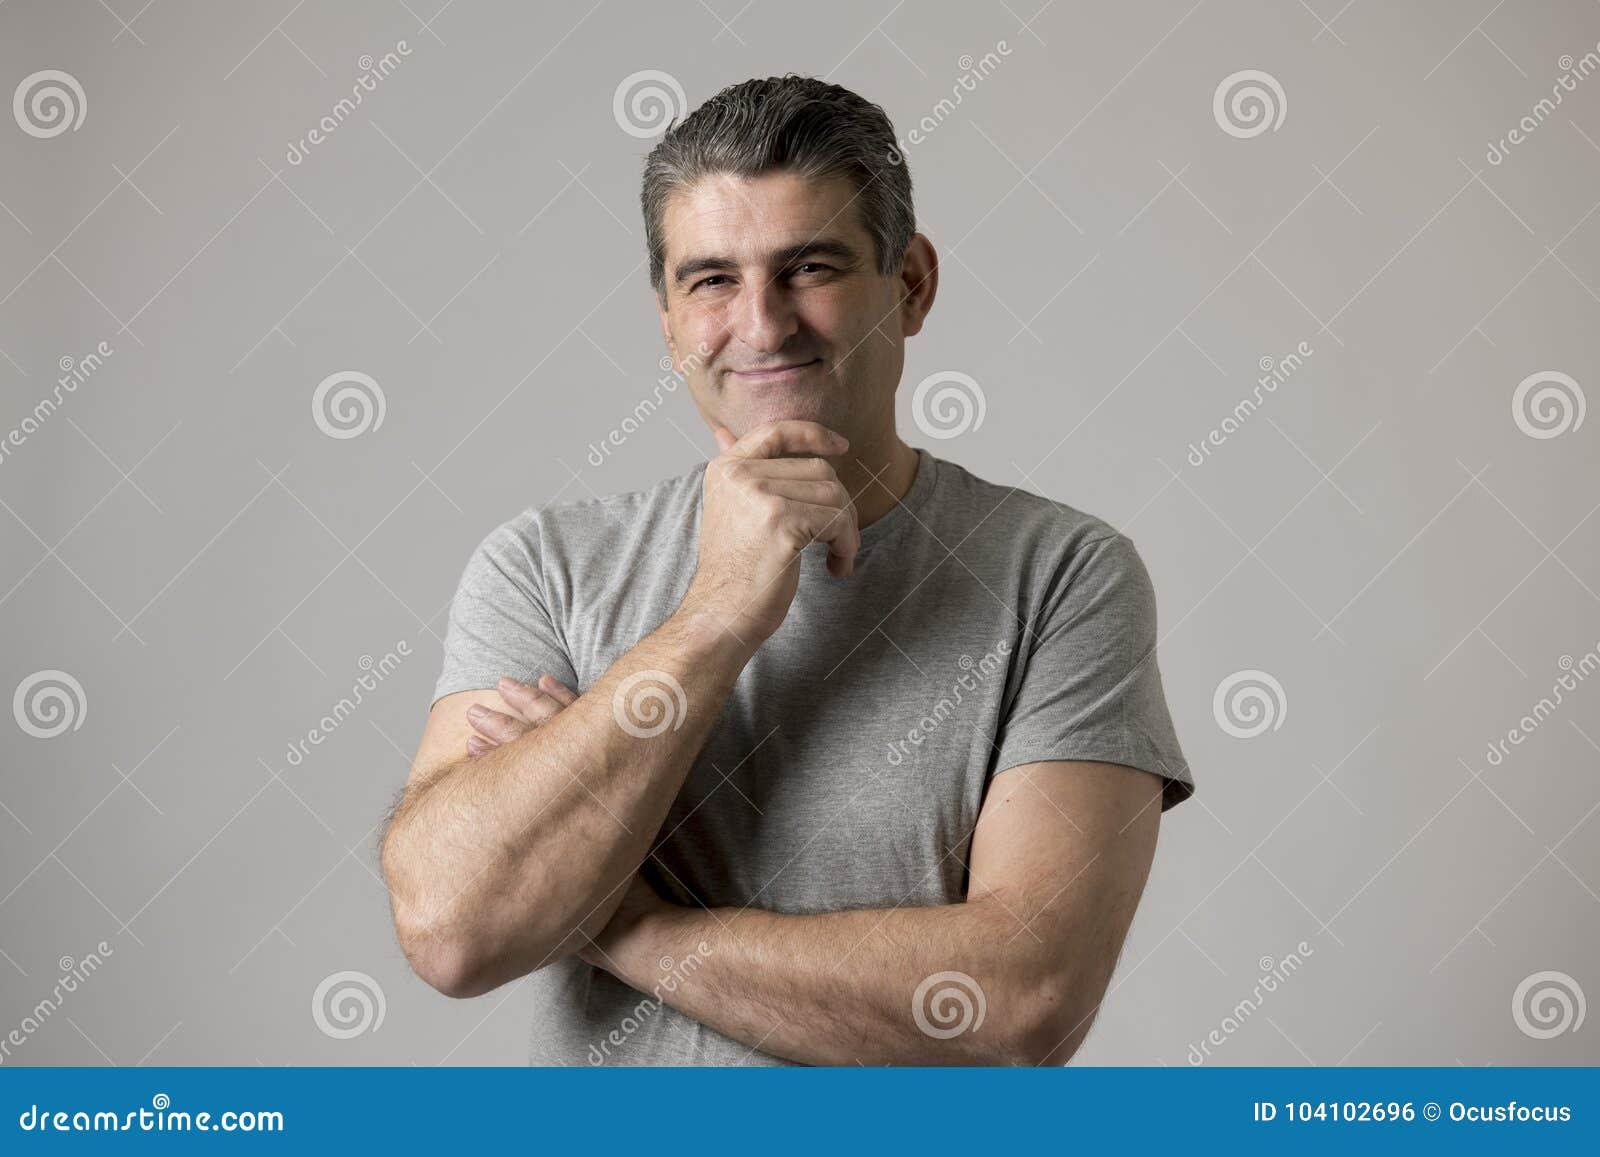 Białego człowieka 40, 50 lat uśmiecha się szczęśliwego seans ładnego i pozytywnego twarzy wyrażenie odizolowywającego na popielat